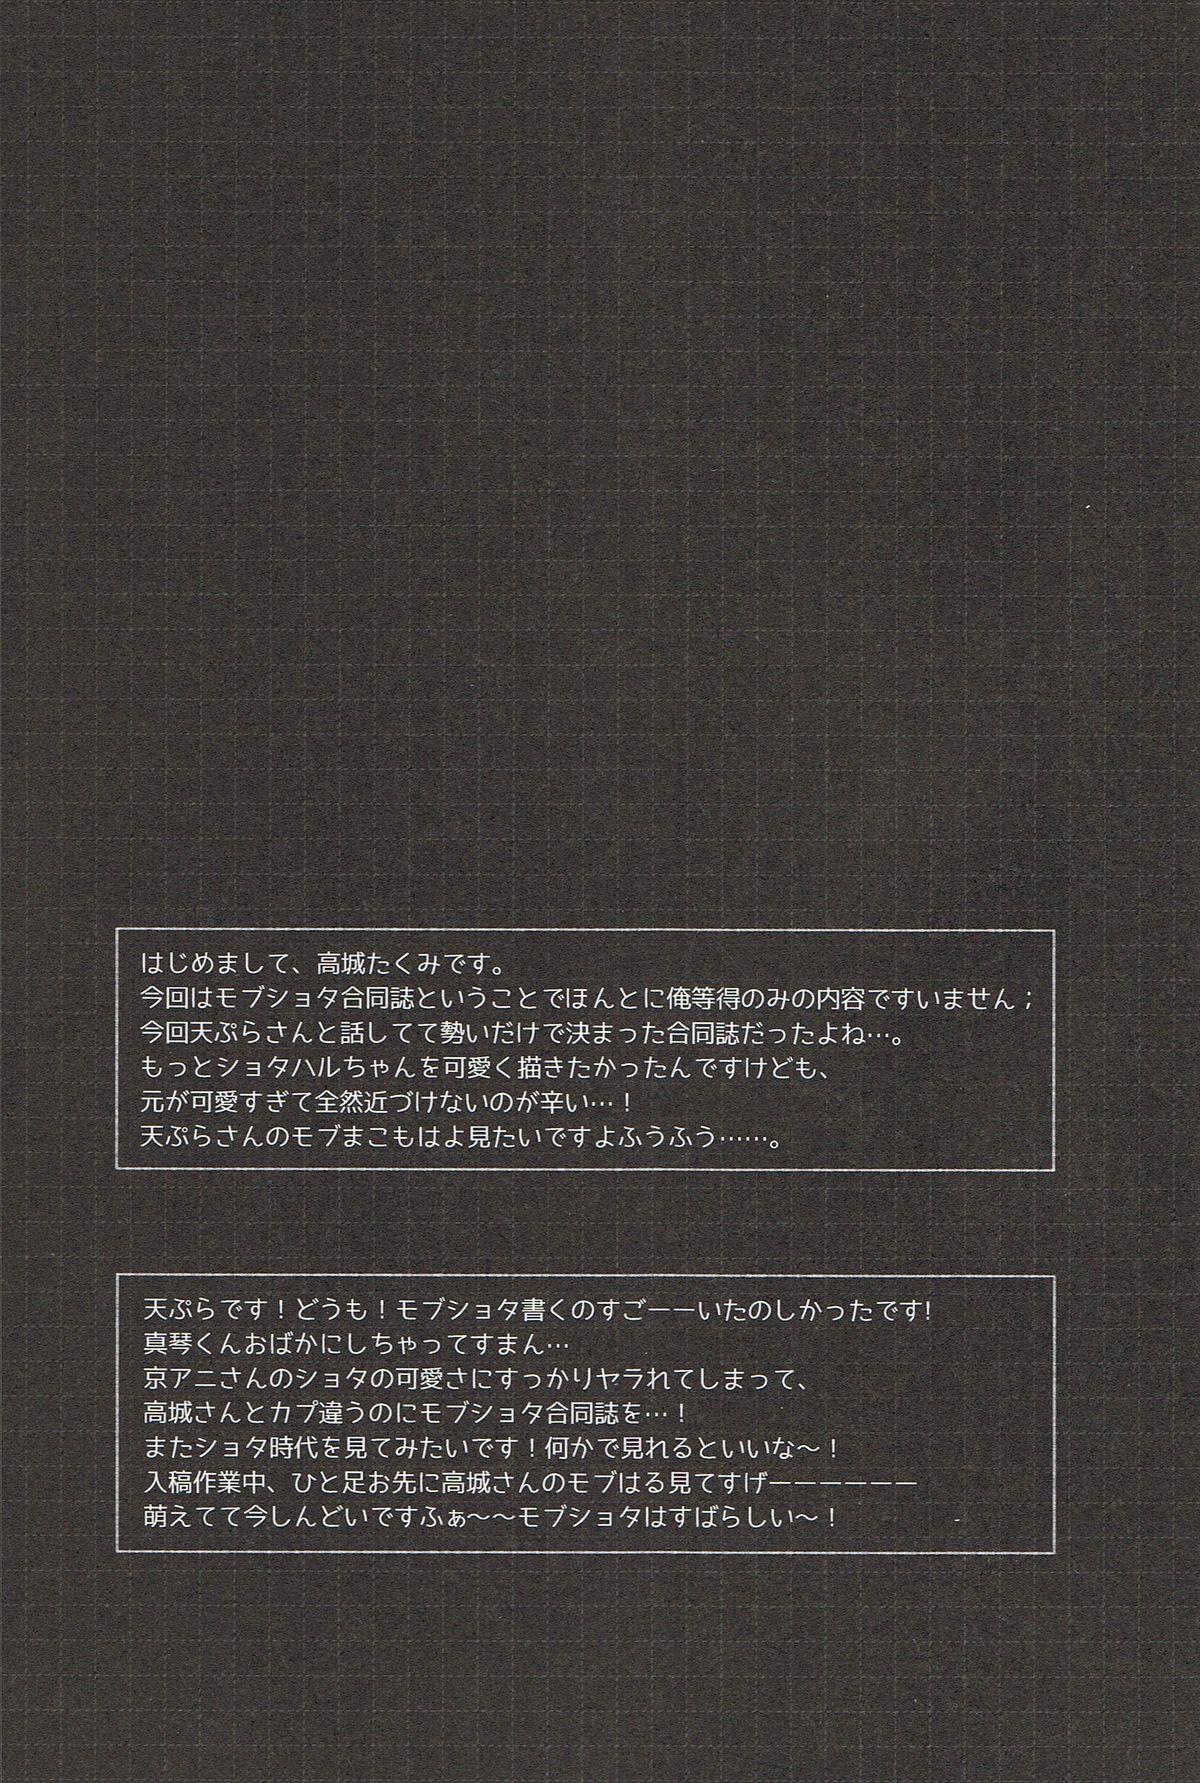 Iwatobi SC Seichou Log 25